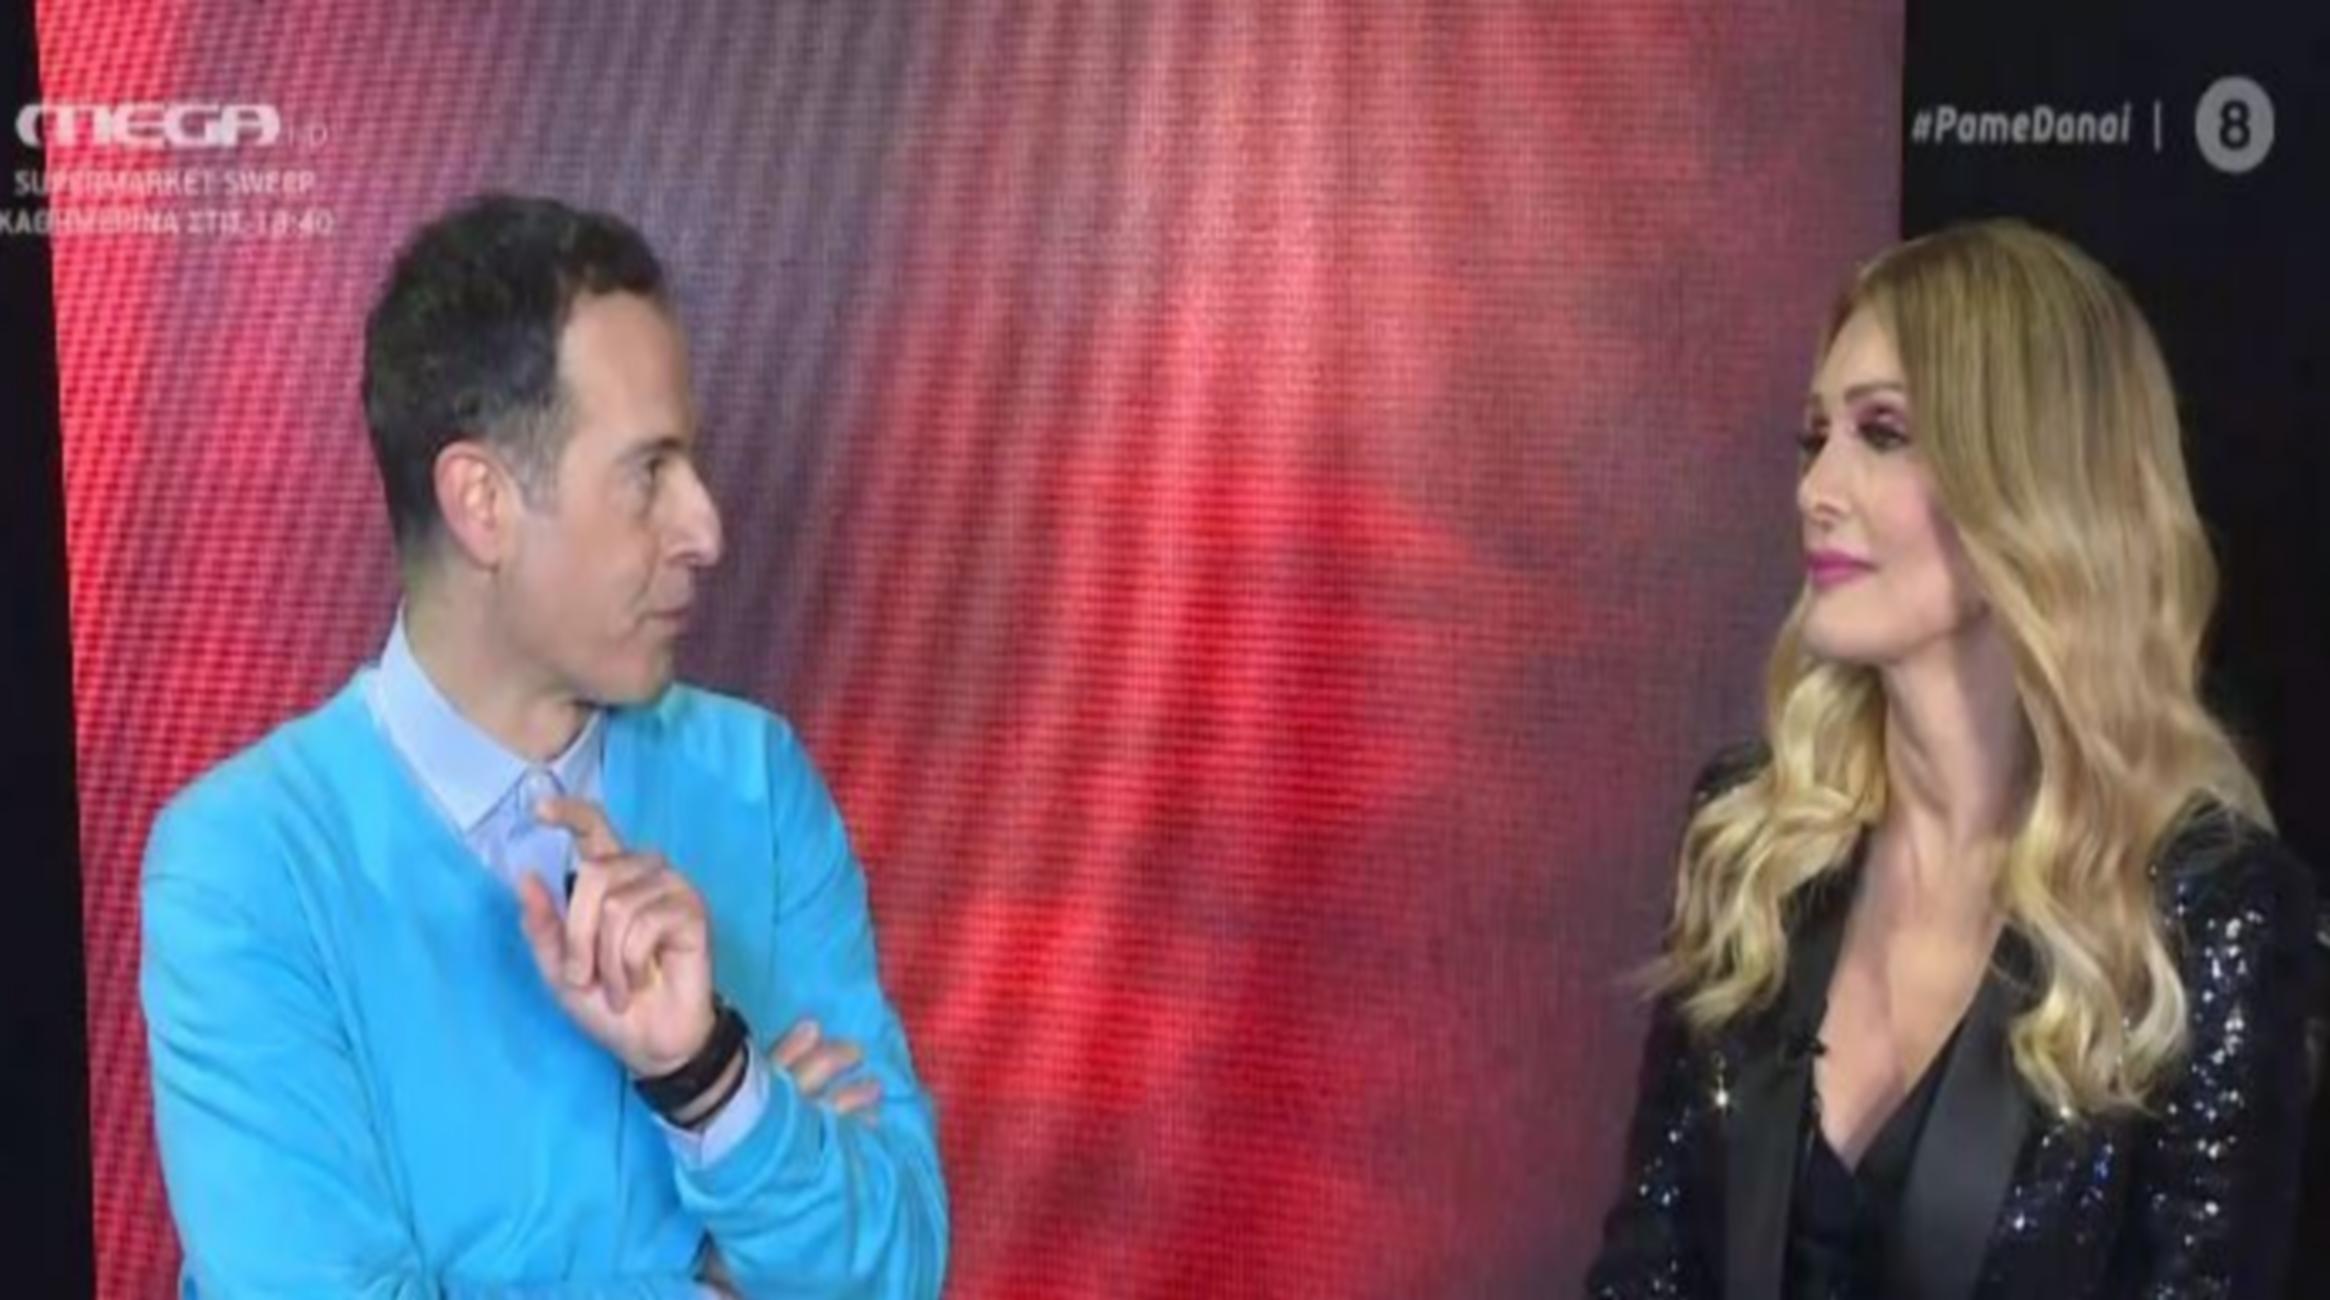 Νατάσα Θεοδωρίδου: «Ο Βαγγέλης Μαρινάκης έγραψε τους στίχους για το τραγούδι Έξαψη» (videos)